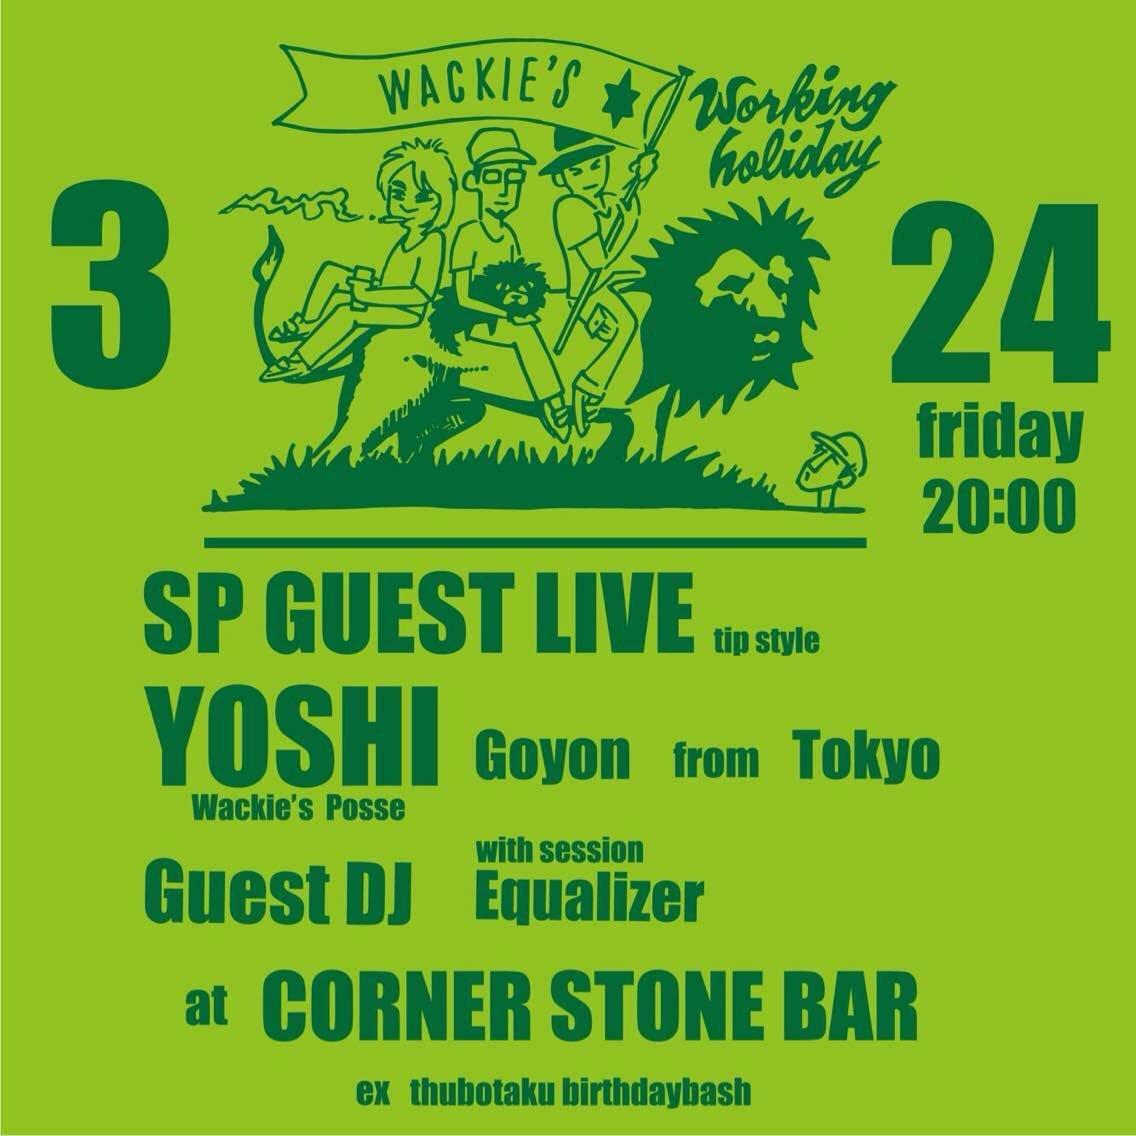 3.24(金)『WORKING HOLIDAY NIGHT』DJと東京からのSPゲストのYOSHIと数曲シンセベースで絡